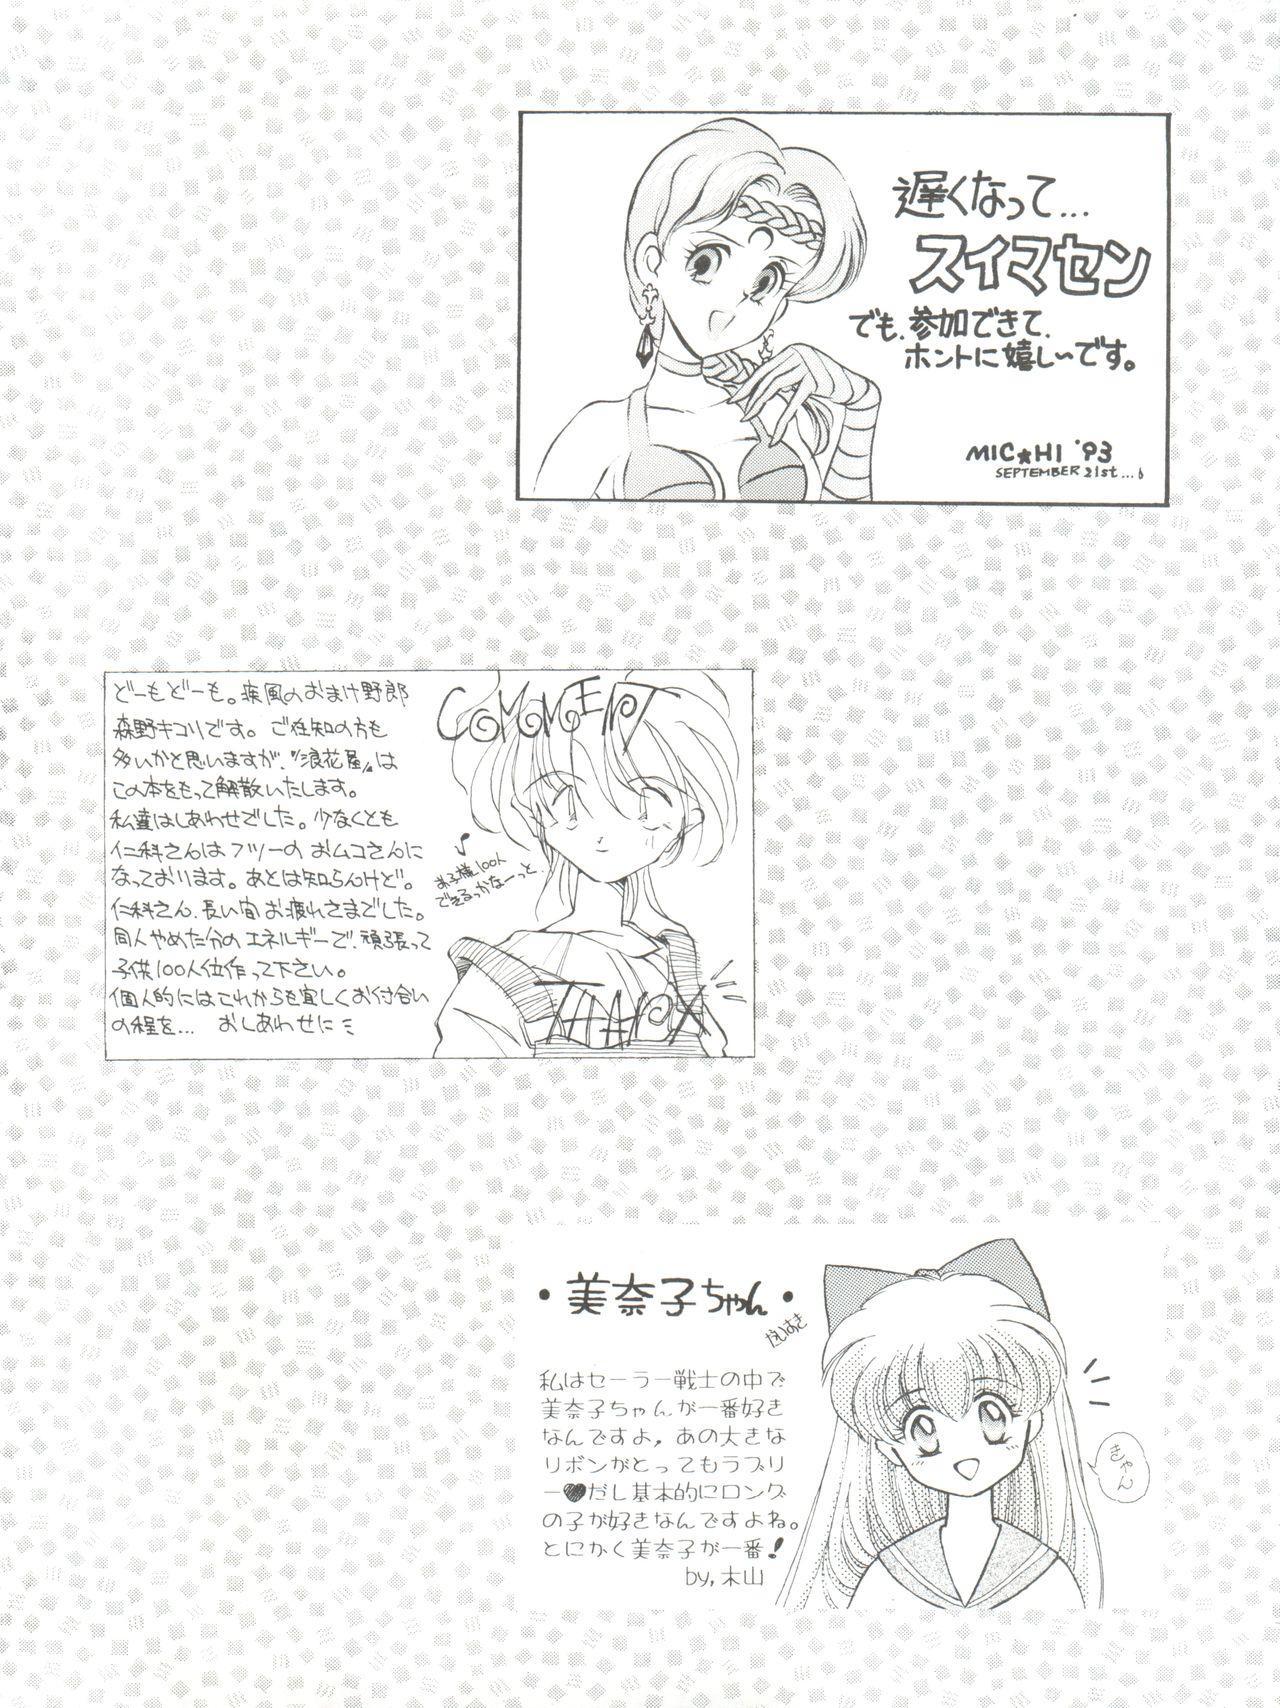 NANIWA-YA FINAL DRESS UP! 108